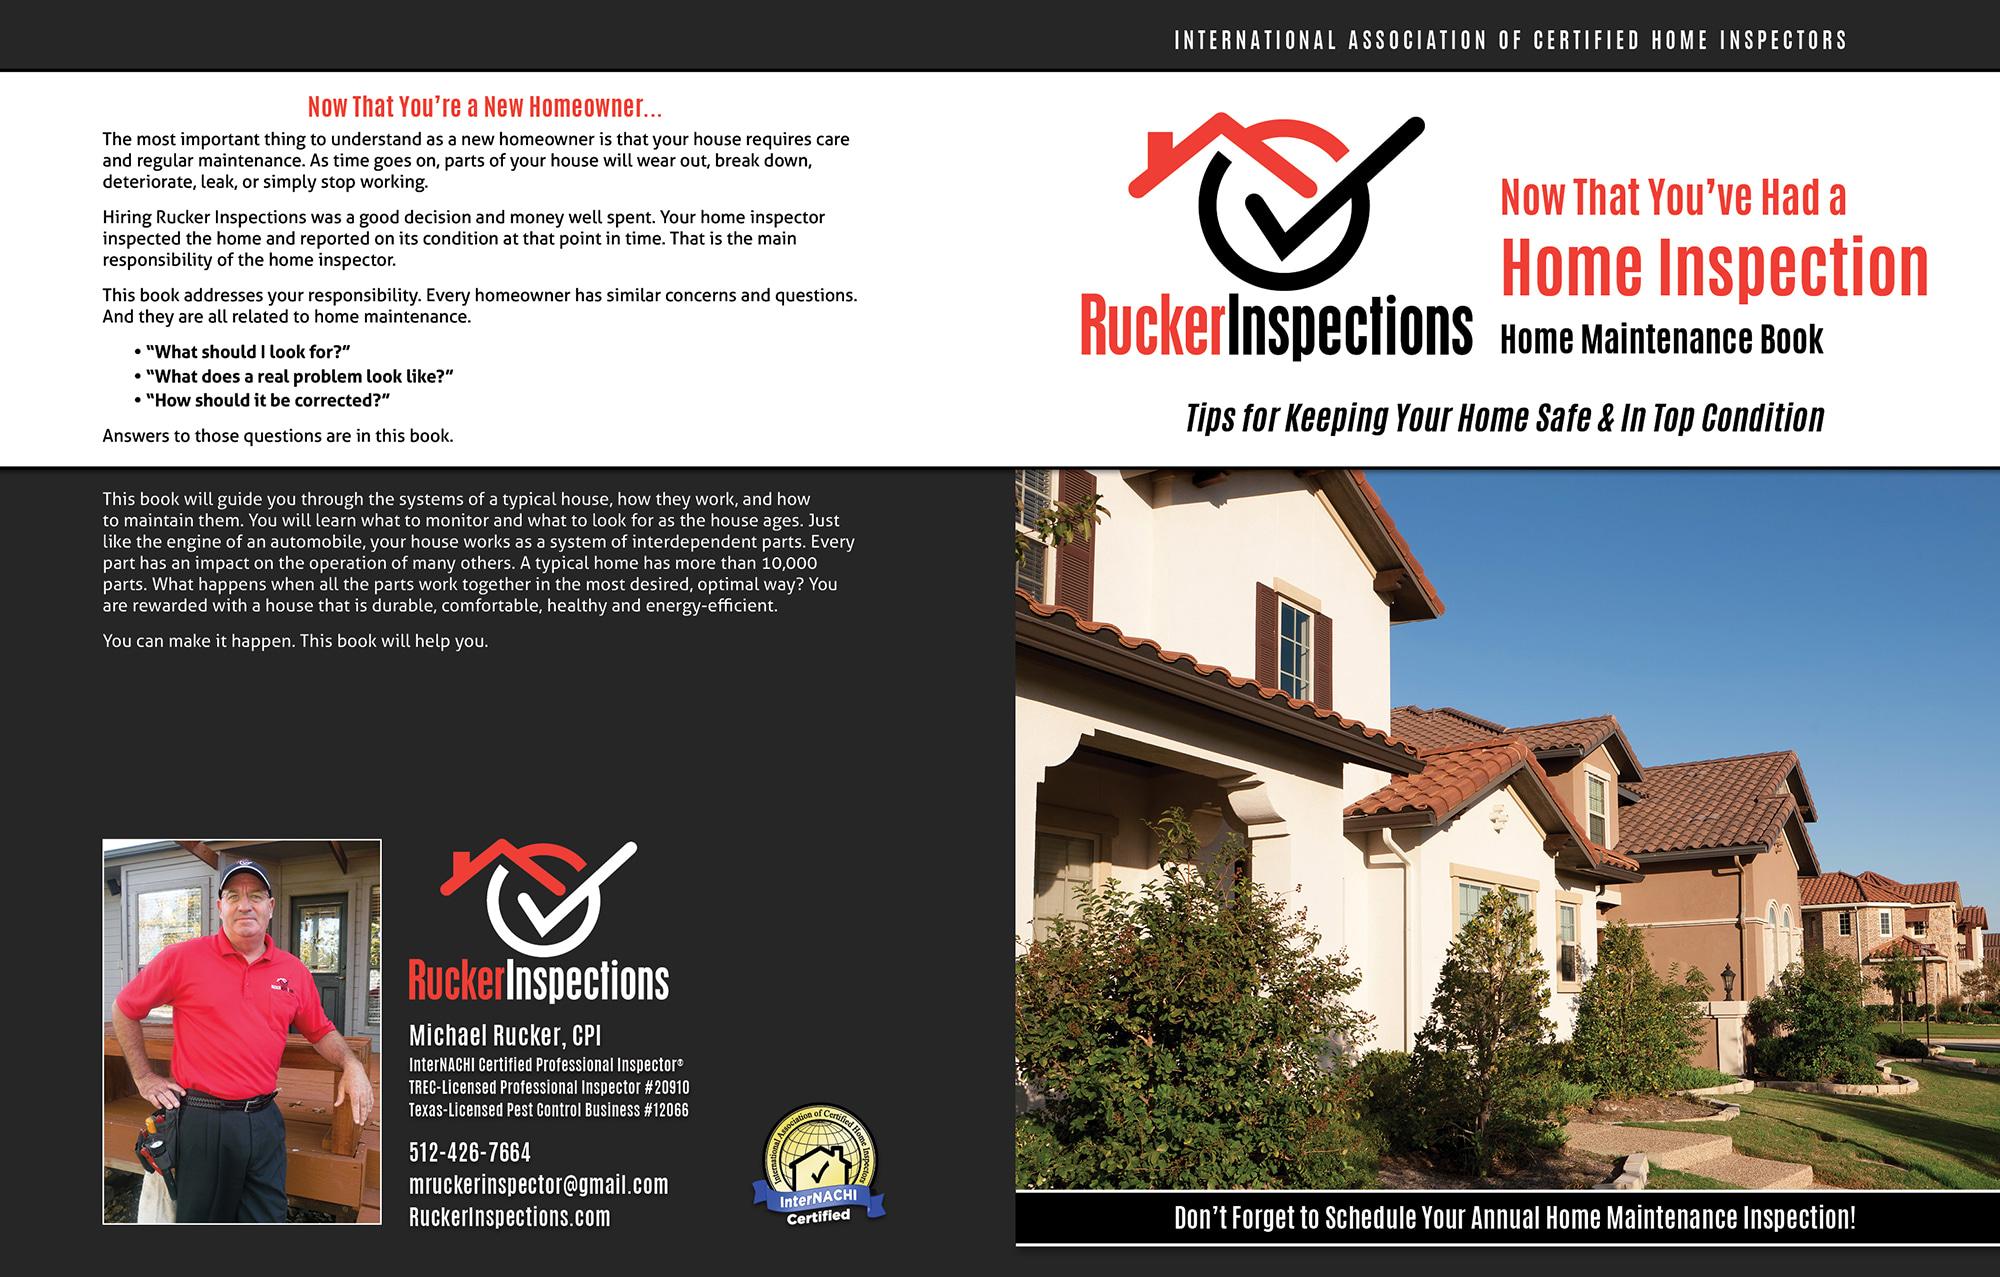 Custom Home Maintenance Book for Rucker Inspections.